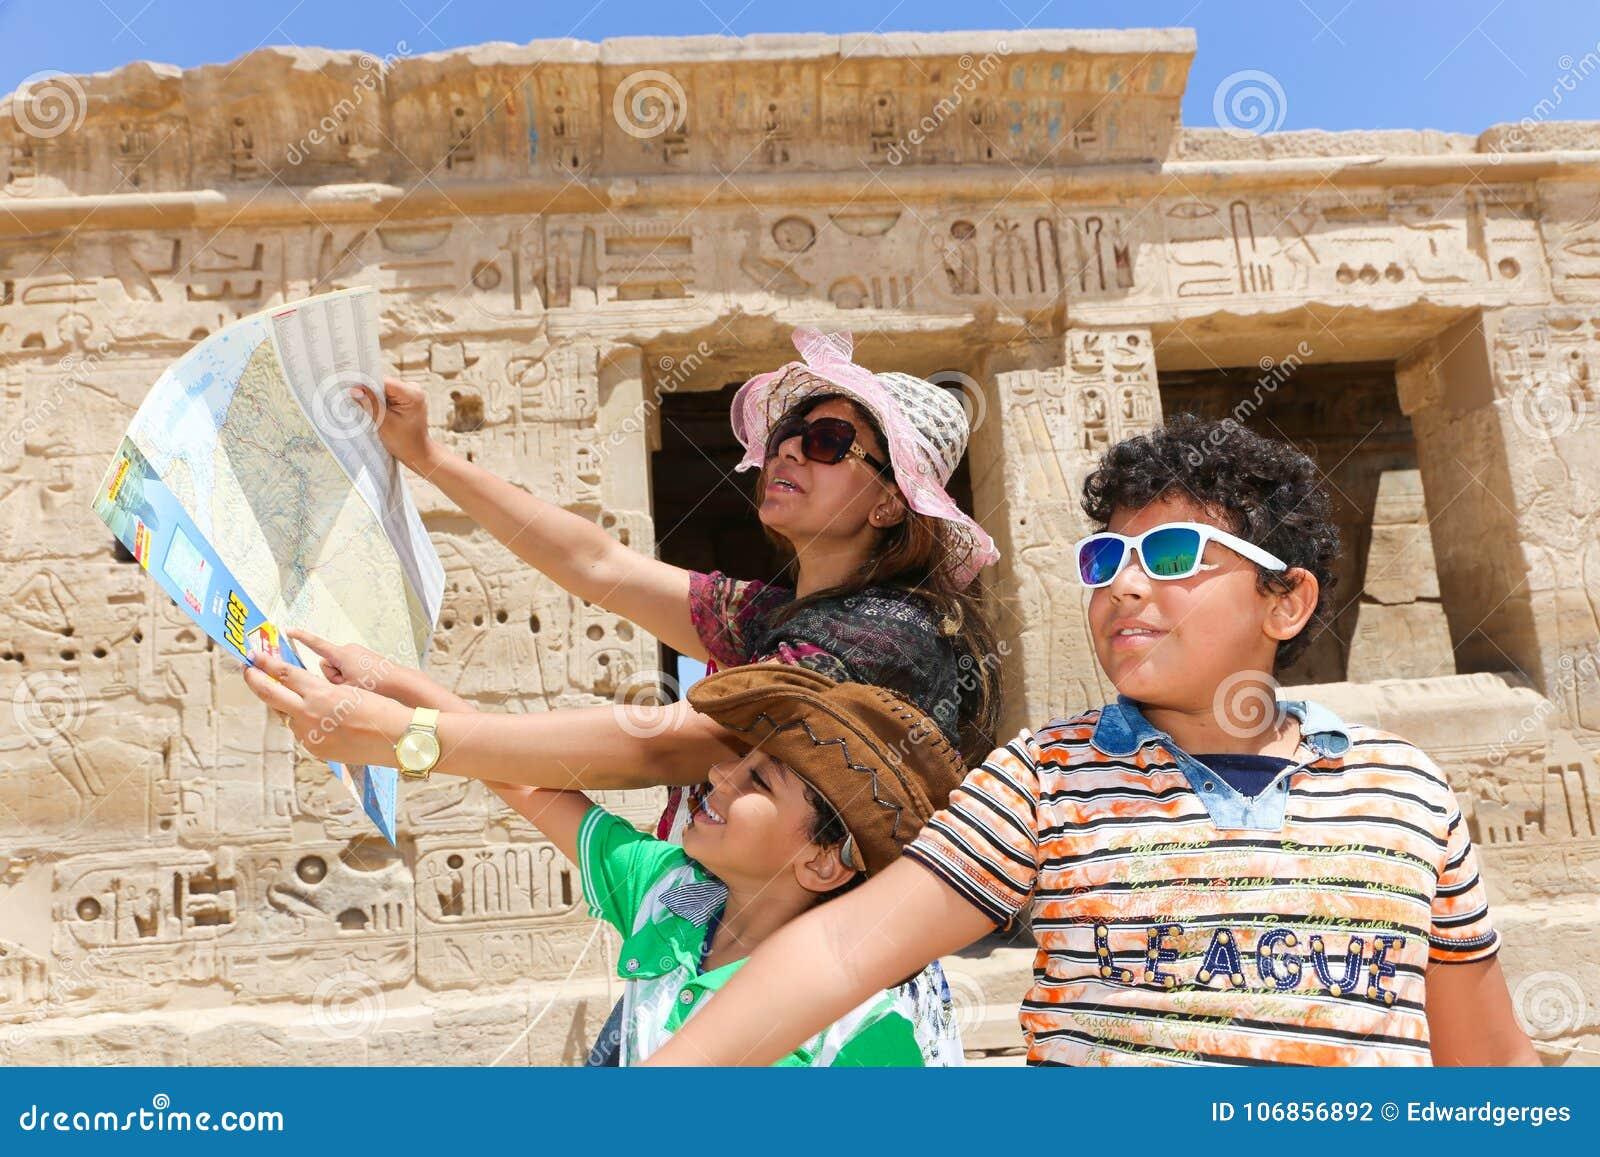 Mãe com as crianças no templo - Egito